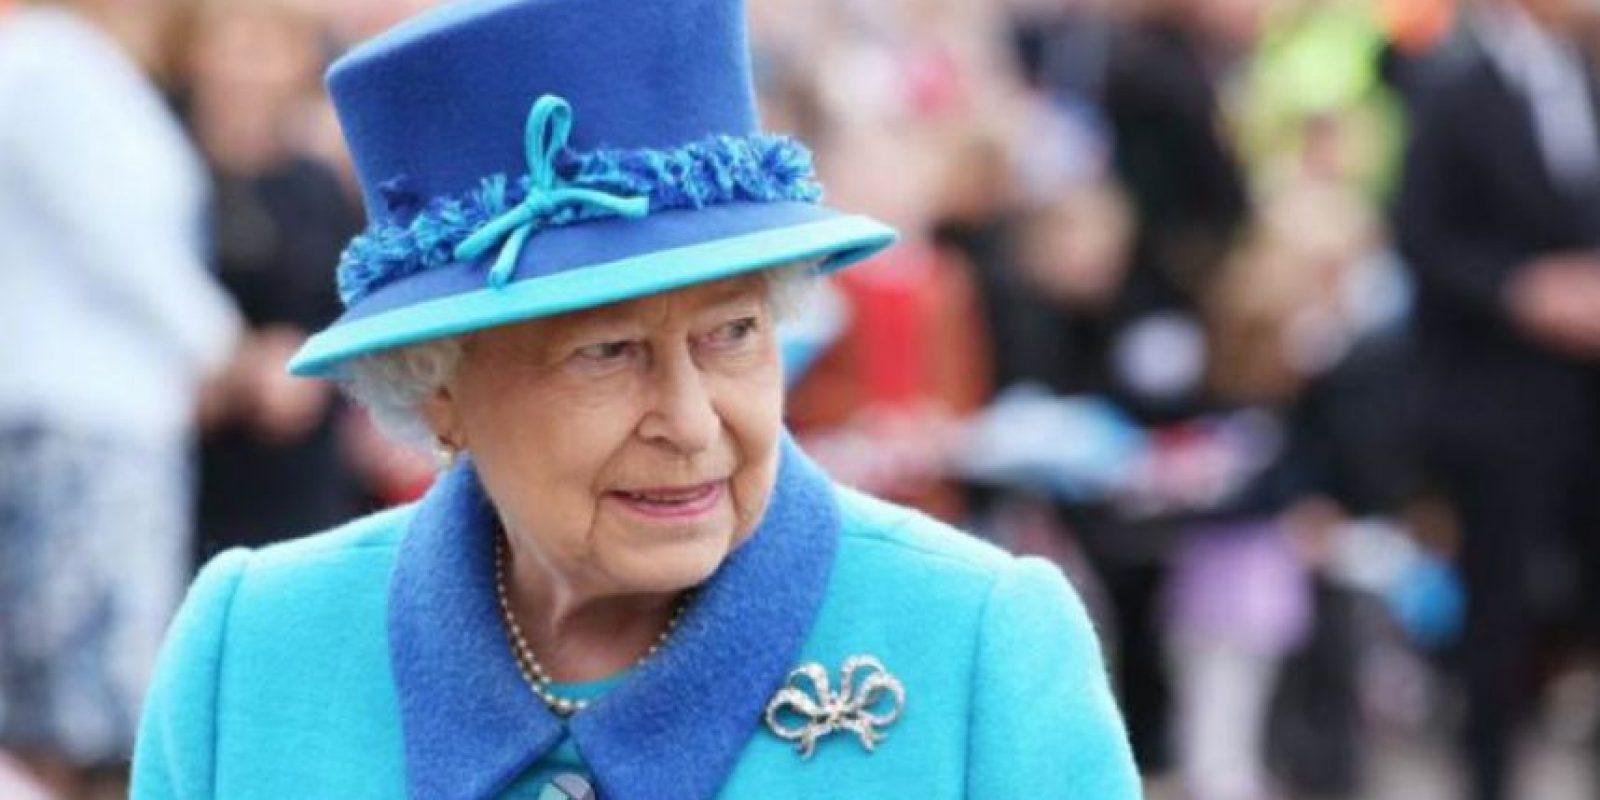 La Reina Isabel se ve bastante formal y correcta, como corresponde a su posición. Foto:vía Getty Images